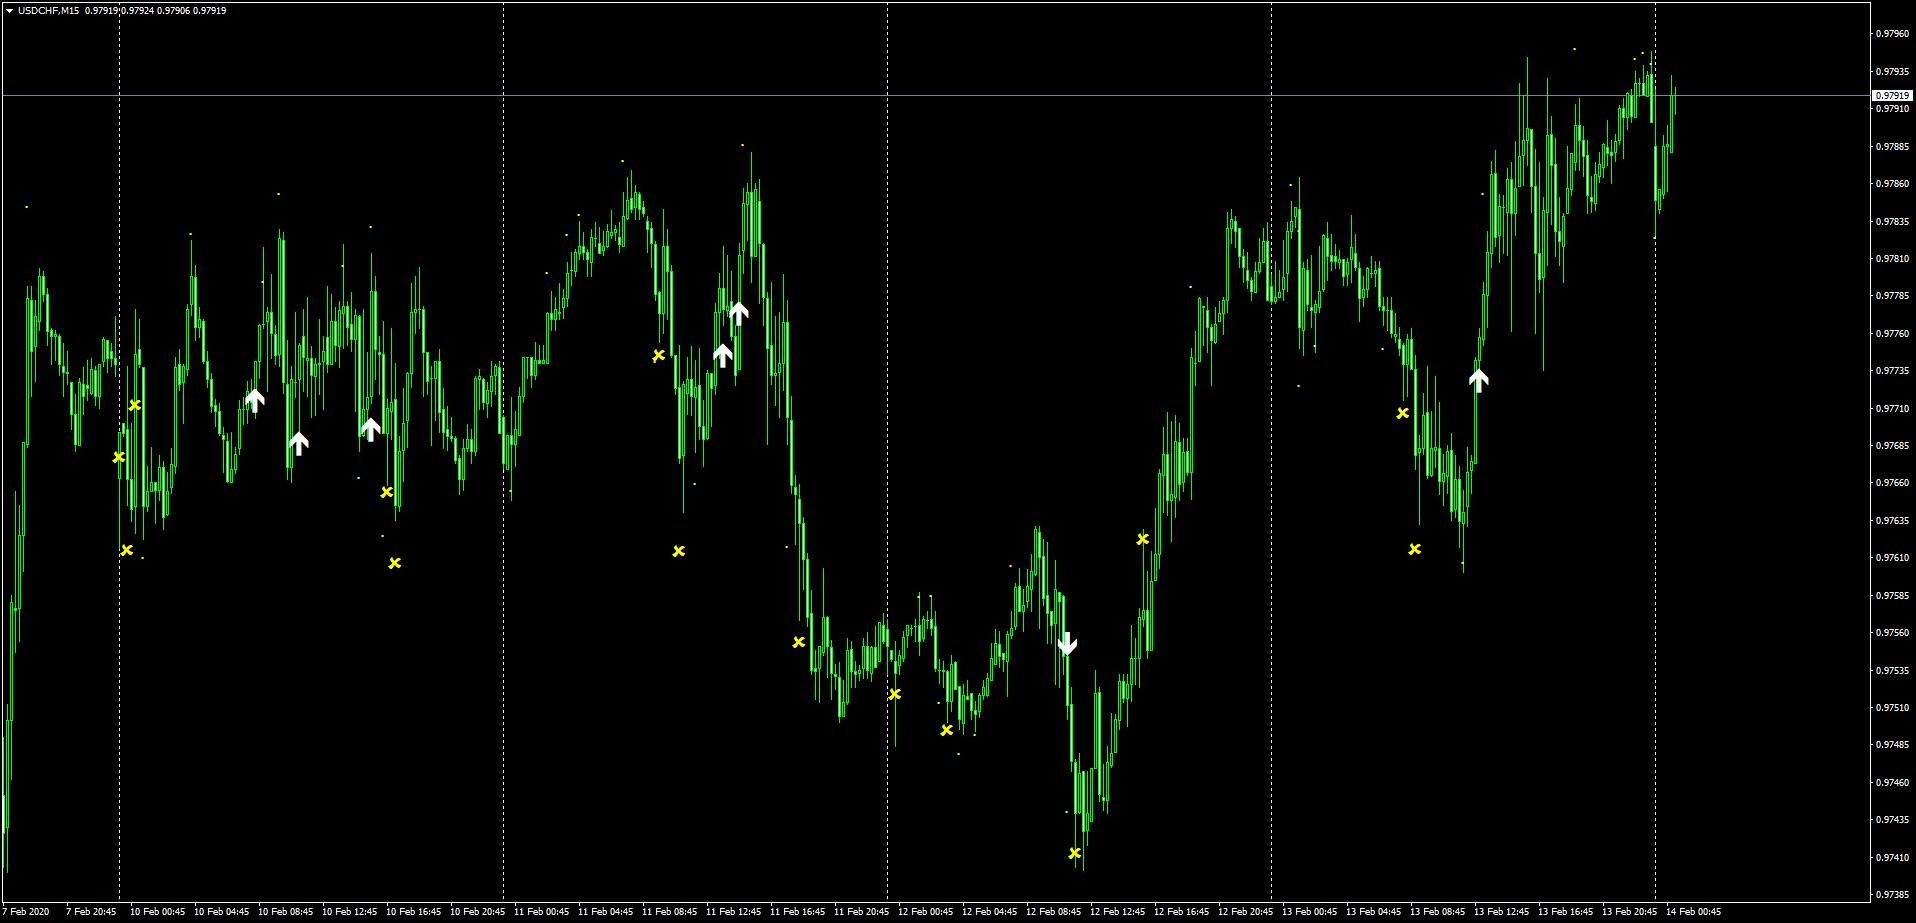 ドルスイスフランの2月10日~14日までのSindyサイン状況